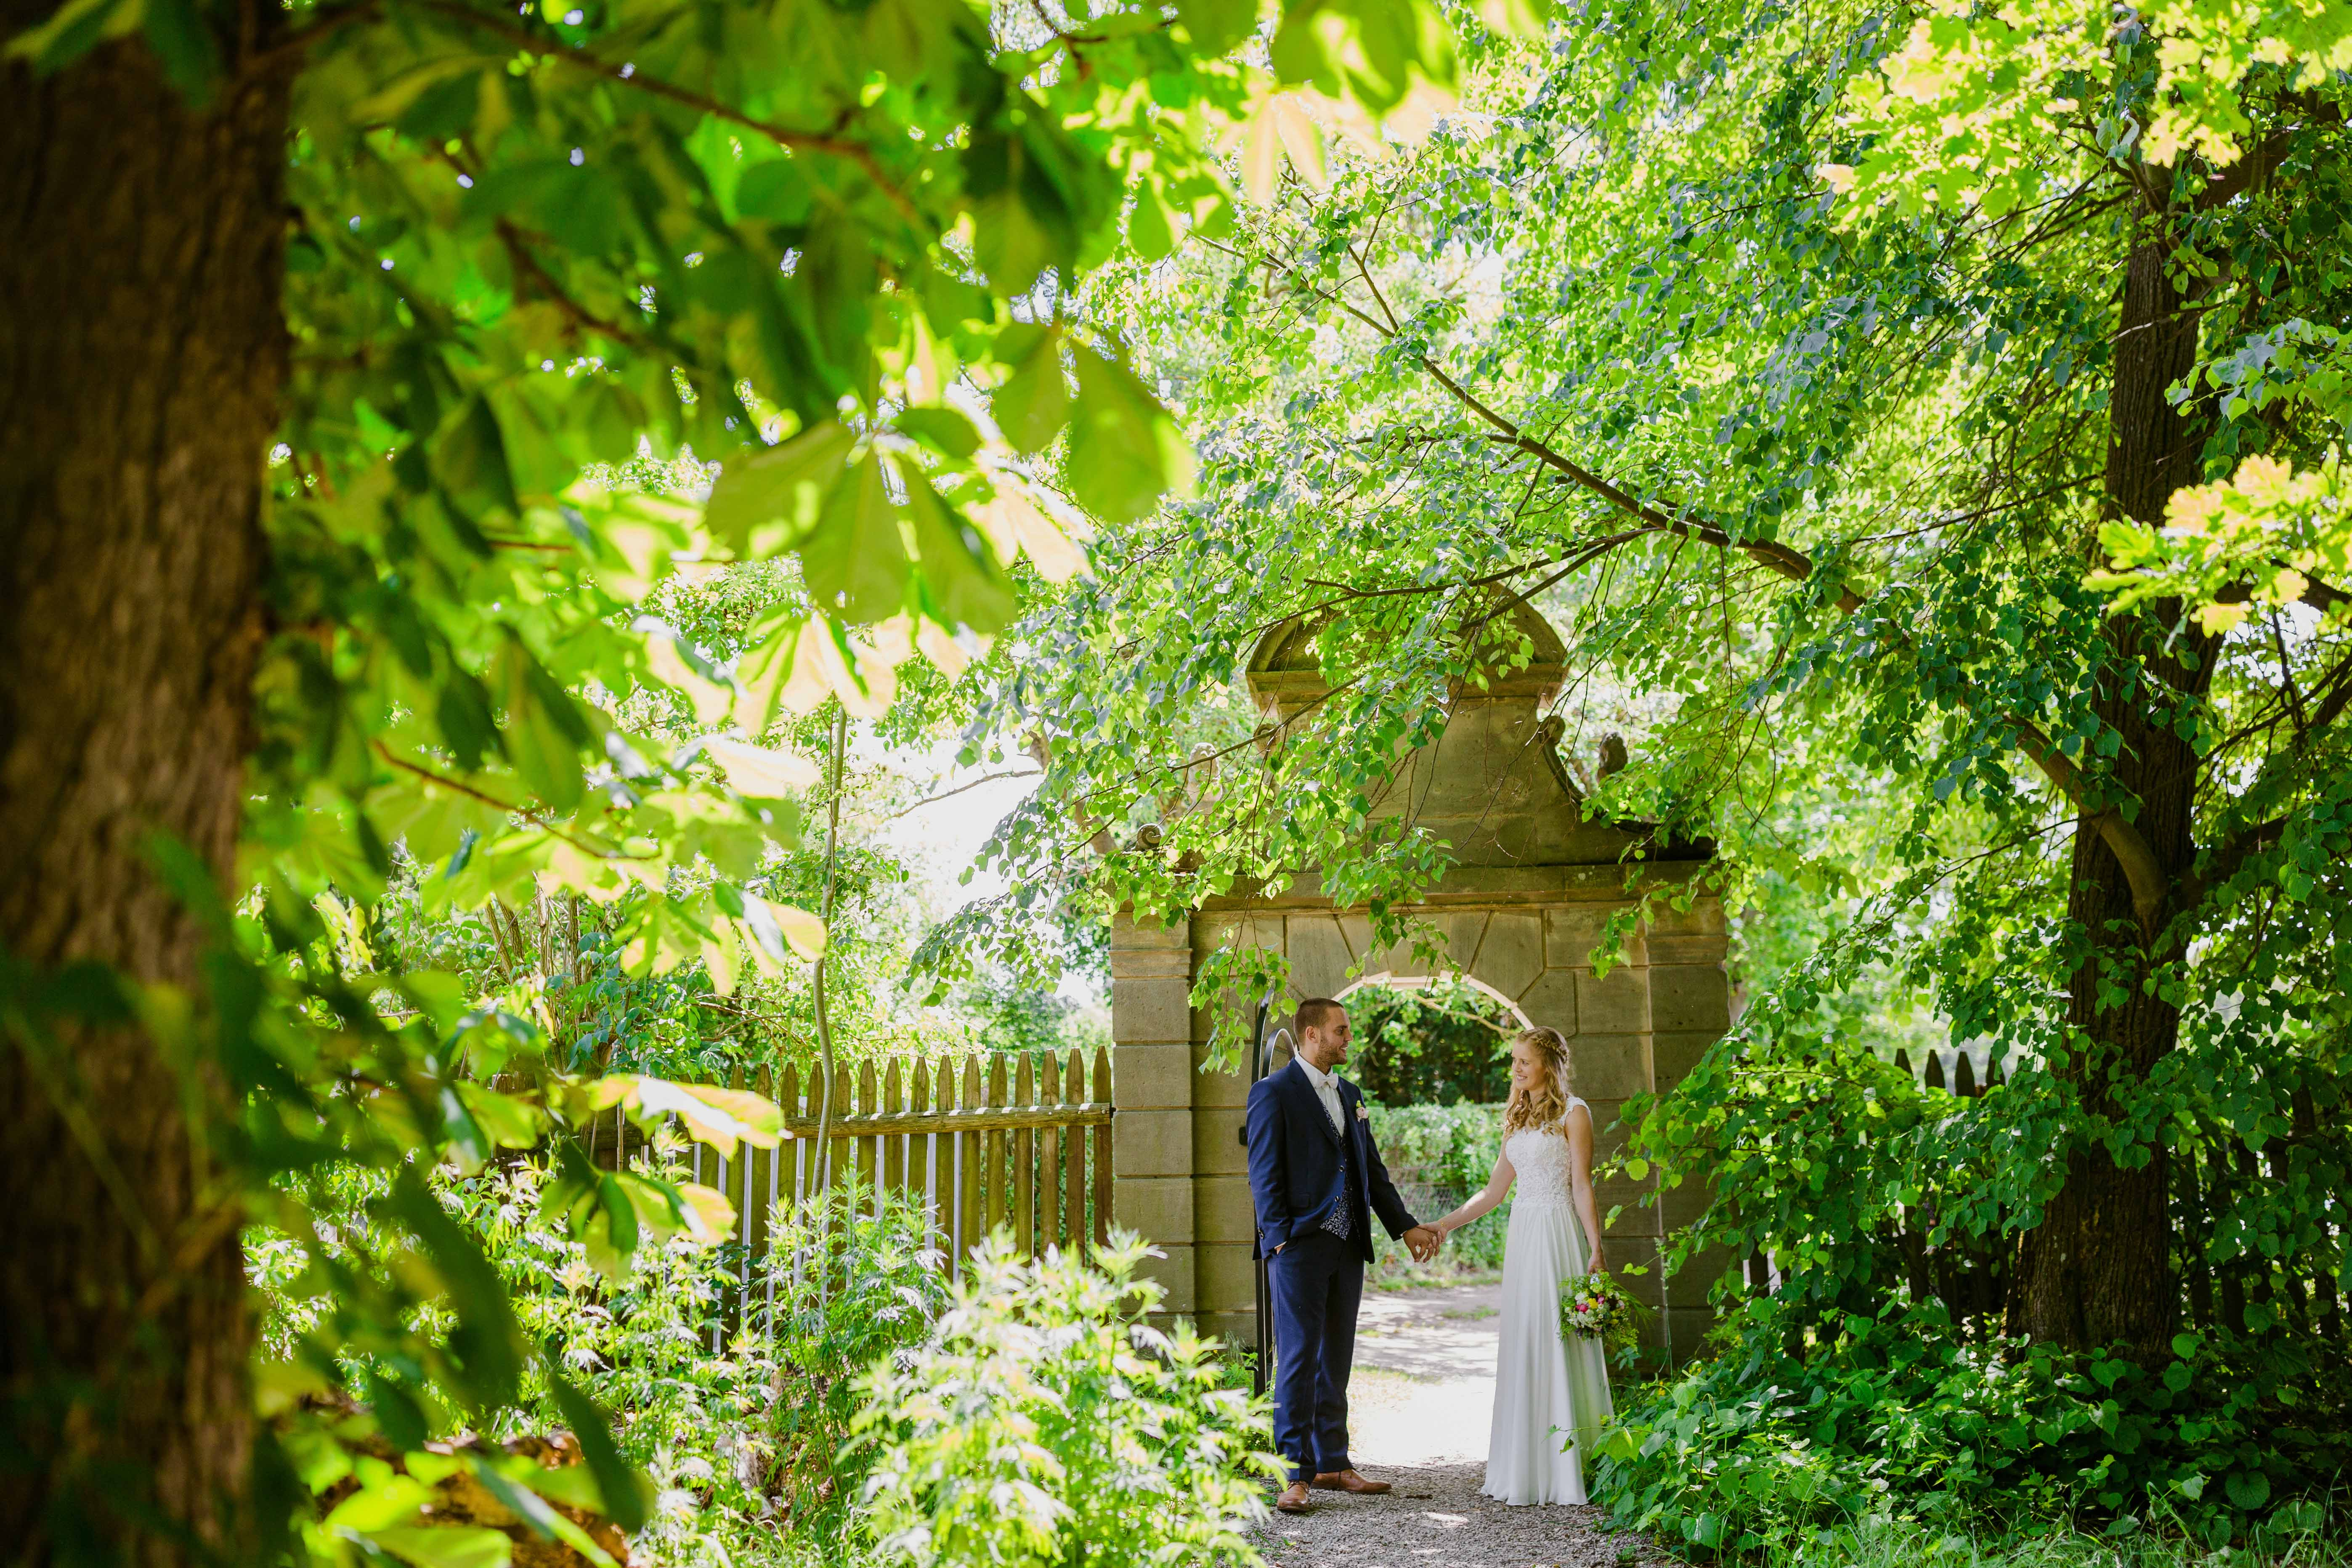 Gwächshaus Nürnberg Hochzeit – Der Natur nah